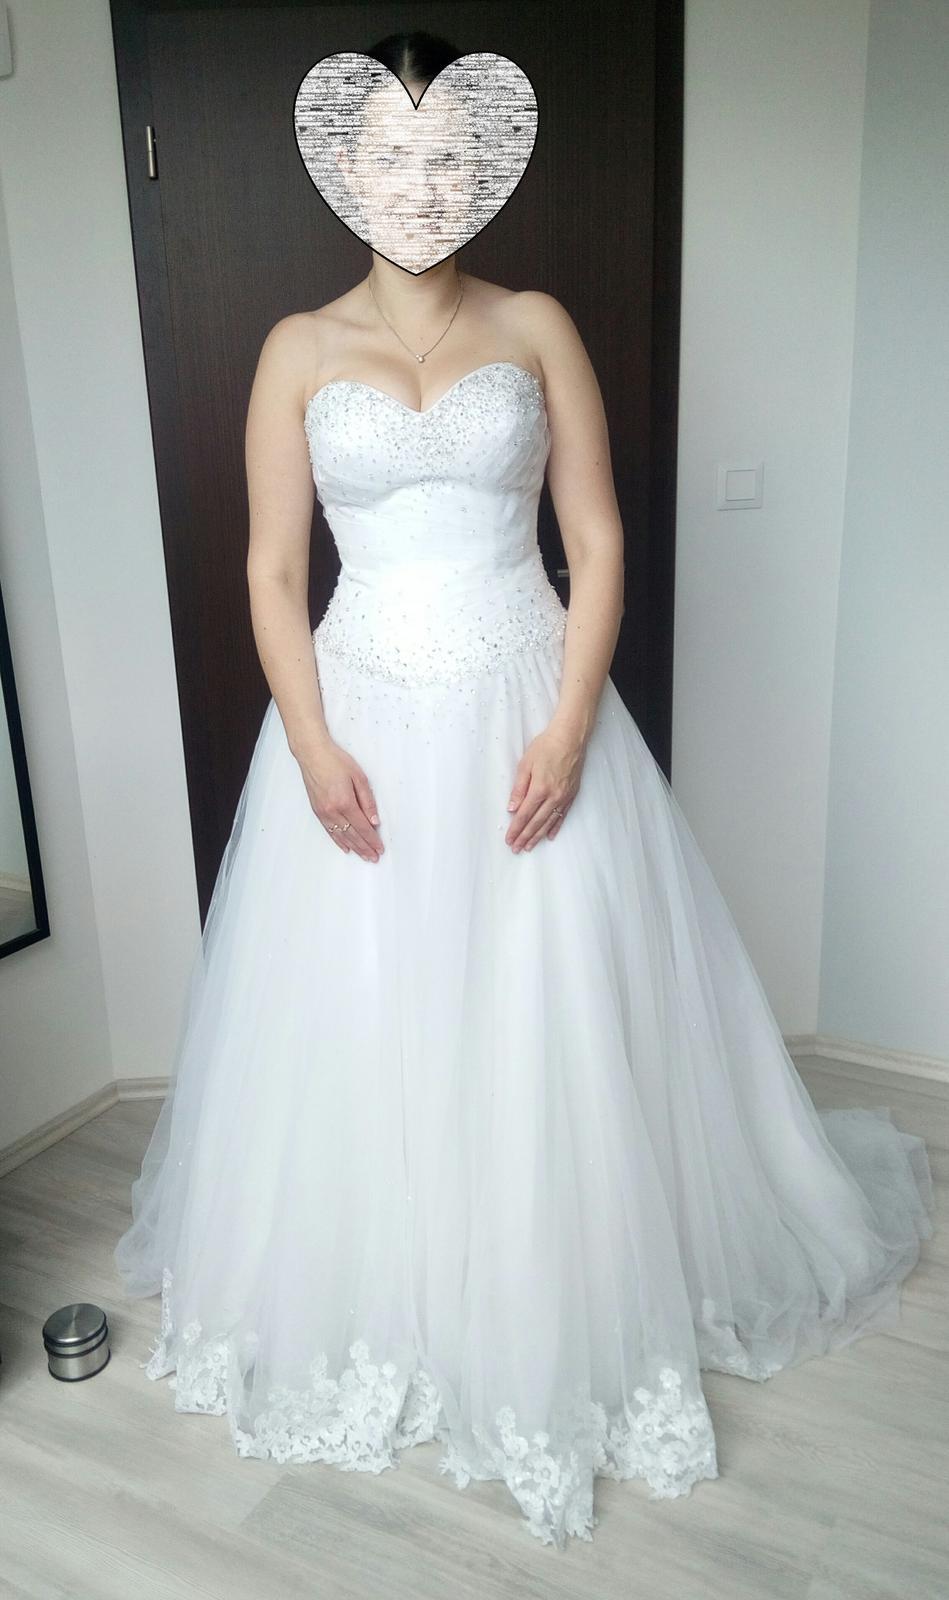 svatební šaty sněhově bílé, vel. 38-42 - Obrázek č. 1